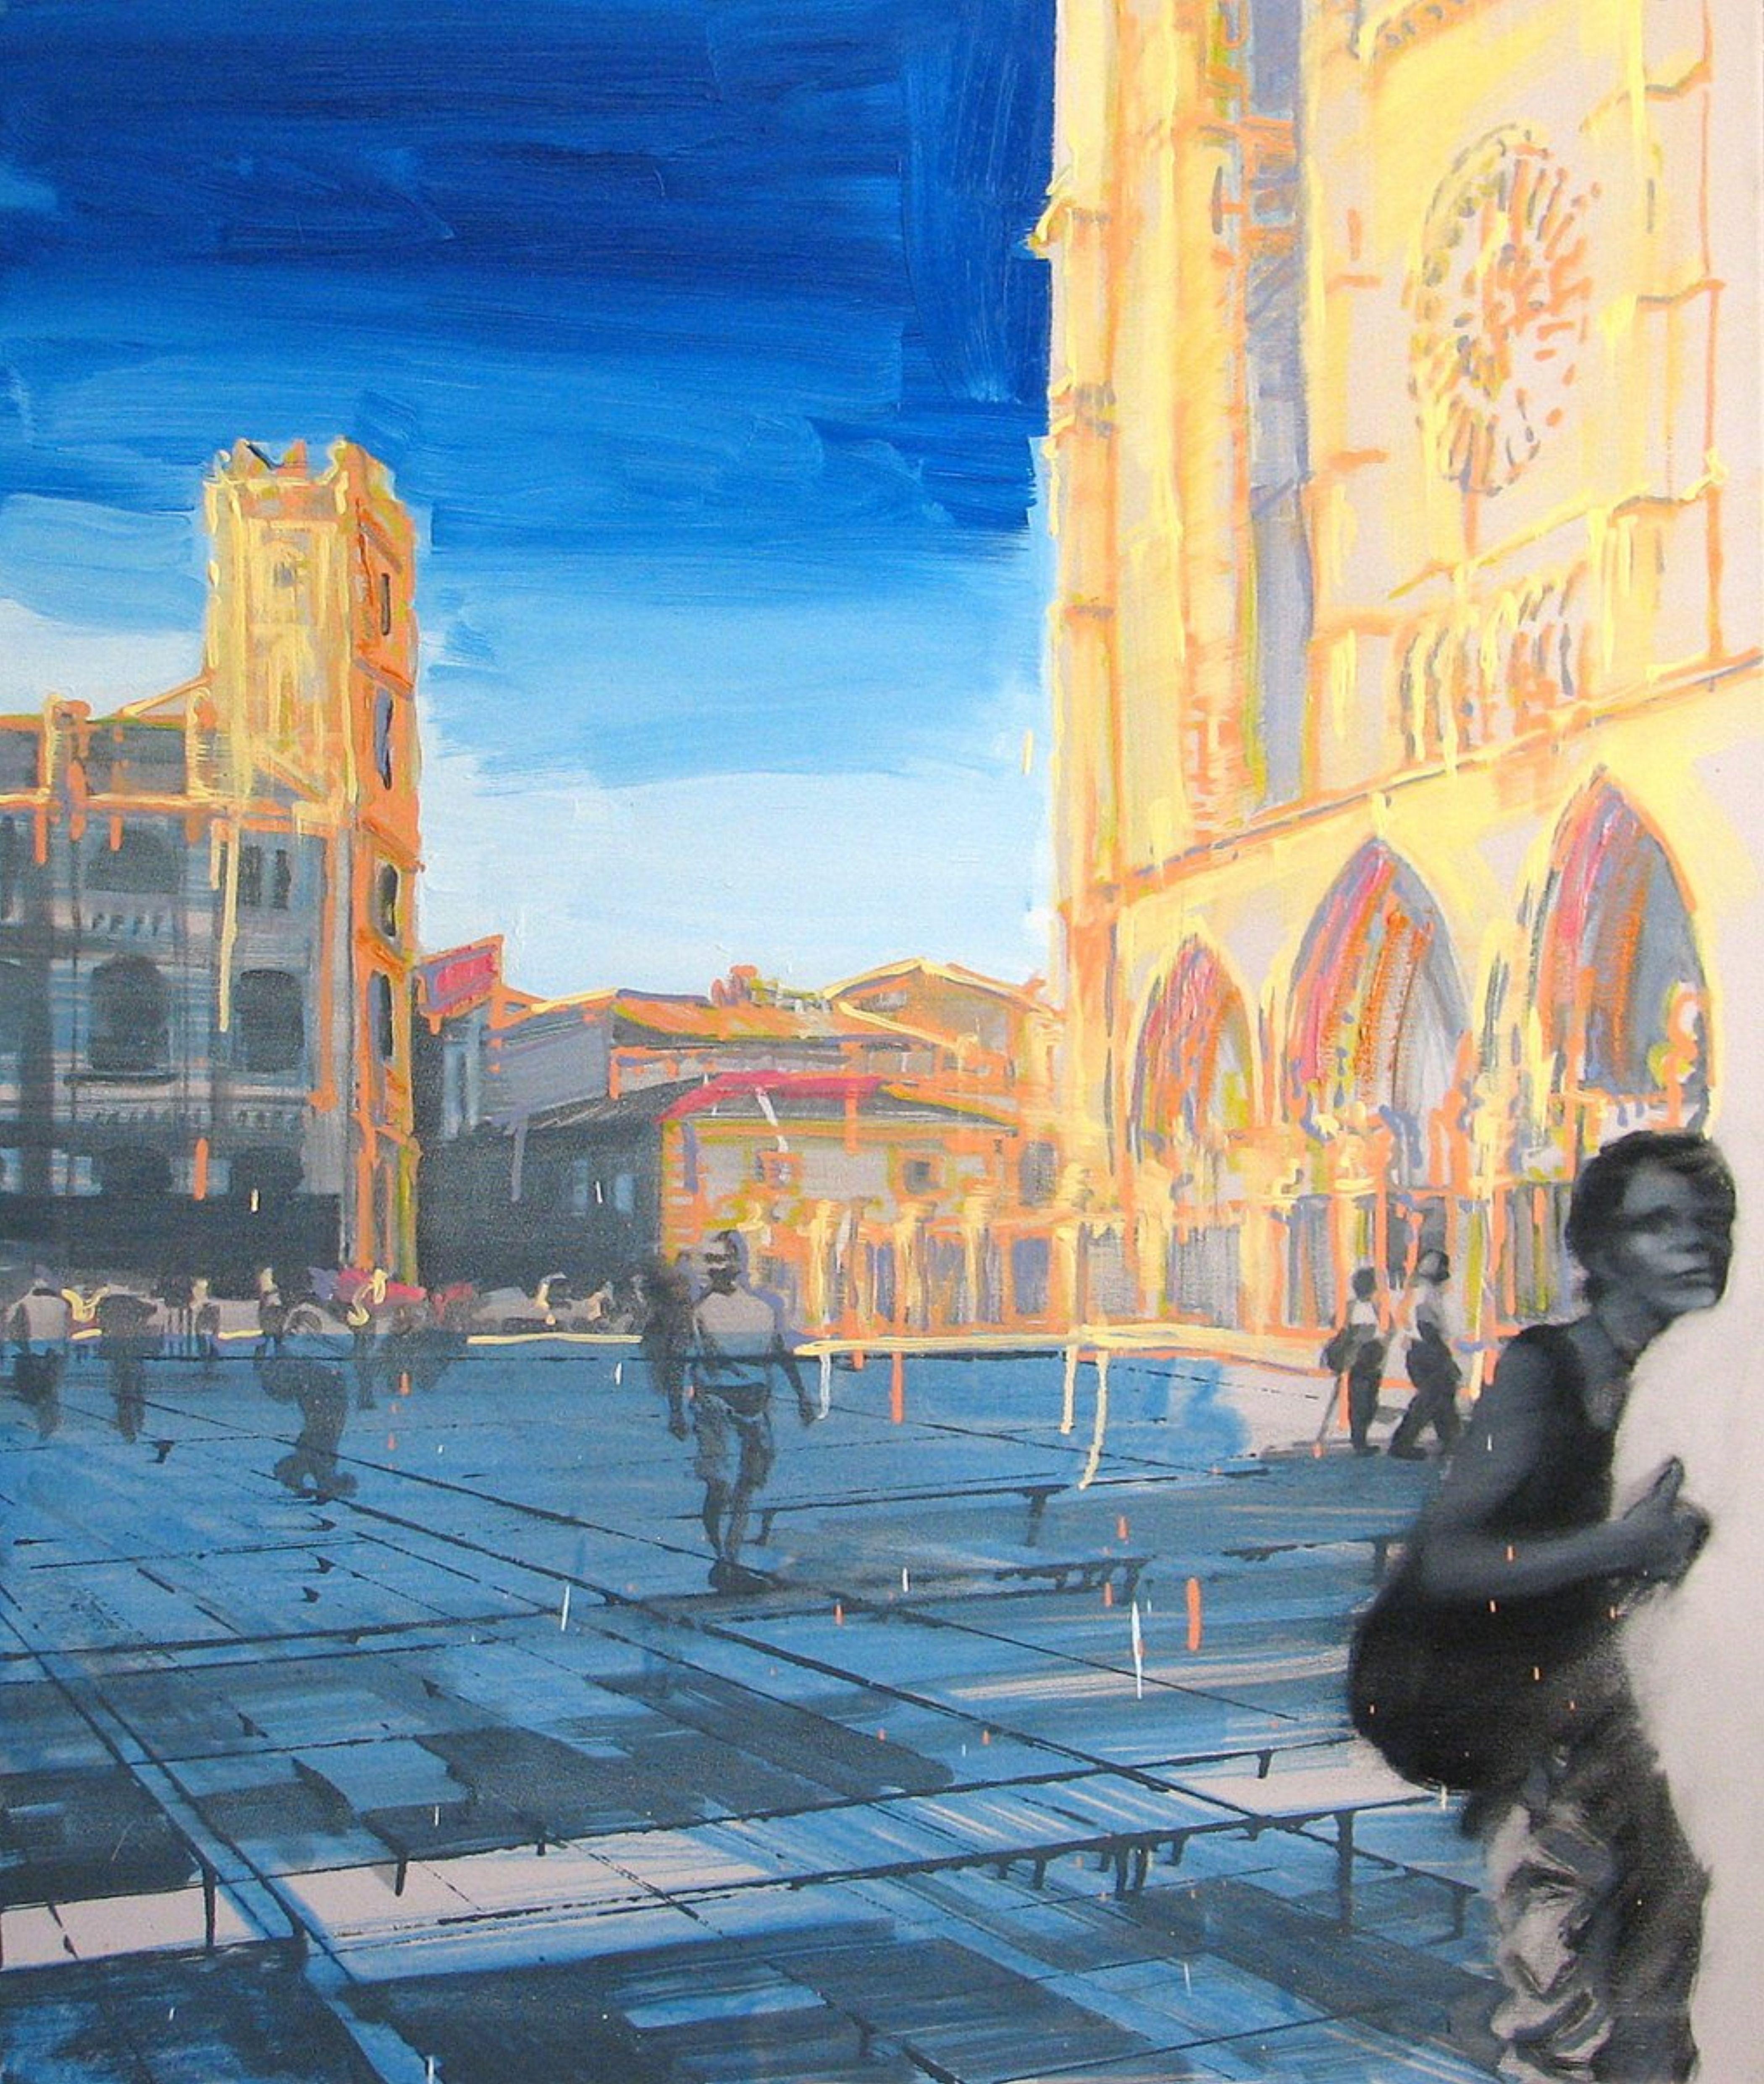 'Słoneczne wakacje', 2014, 100x85 cm, olej na płótnie (2)